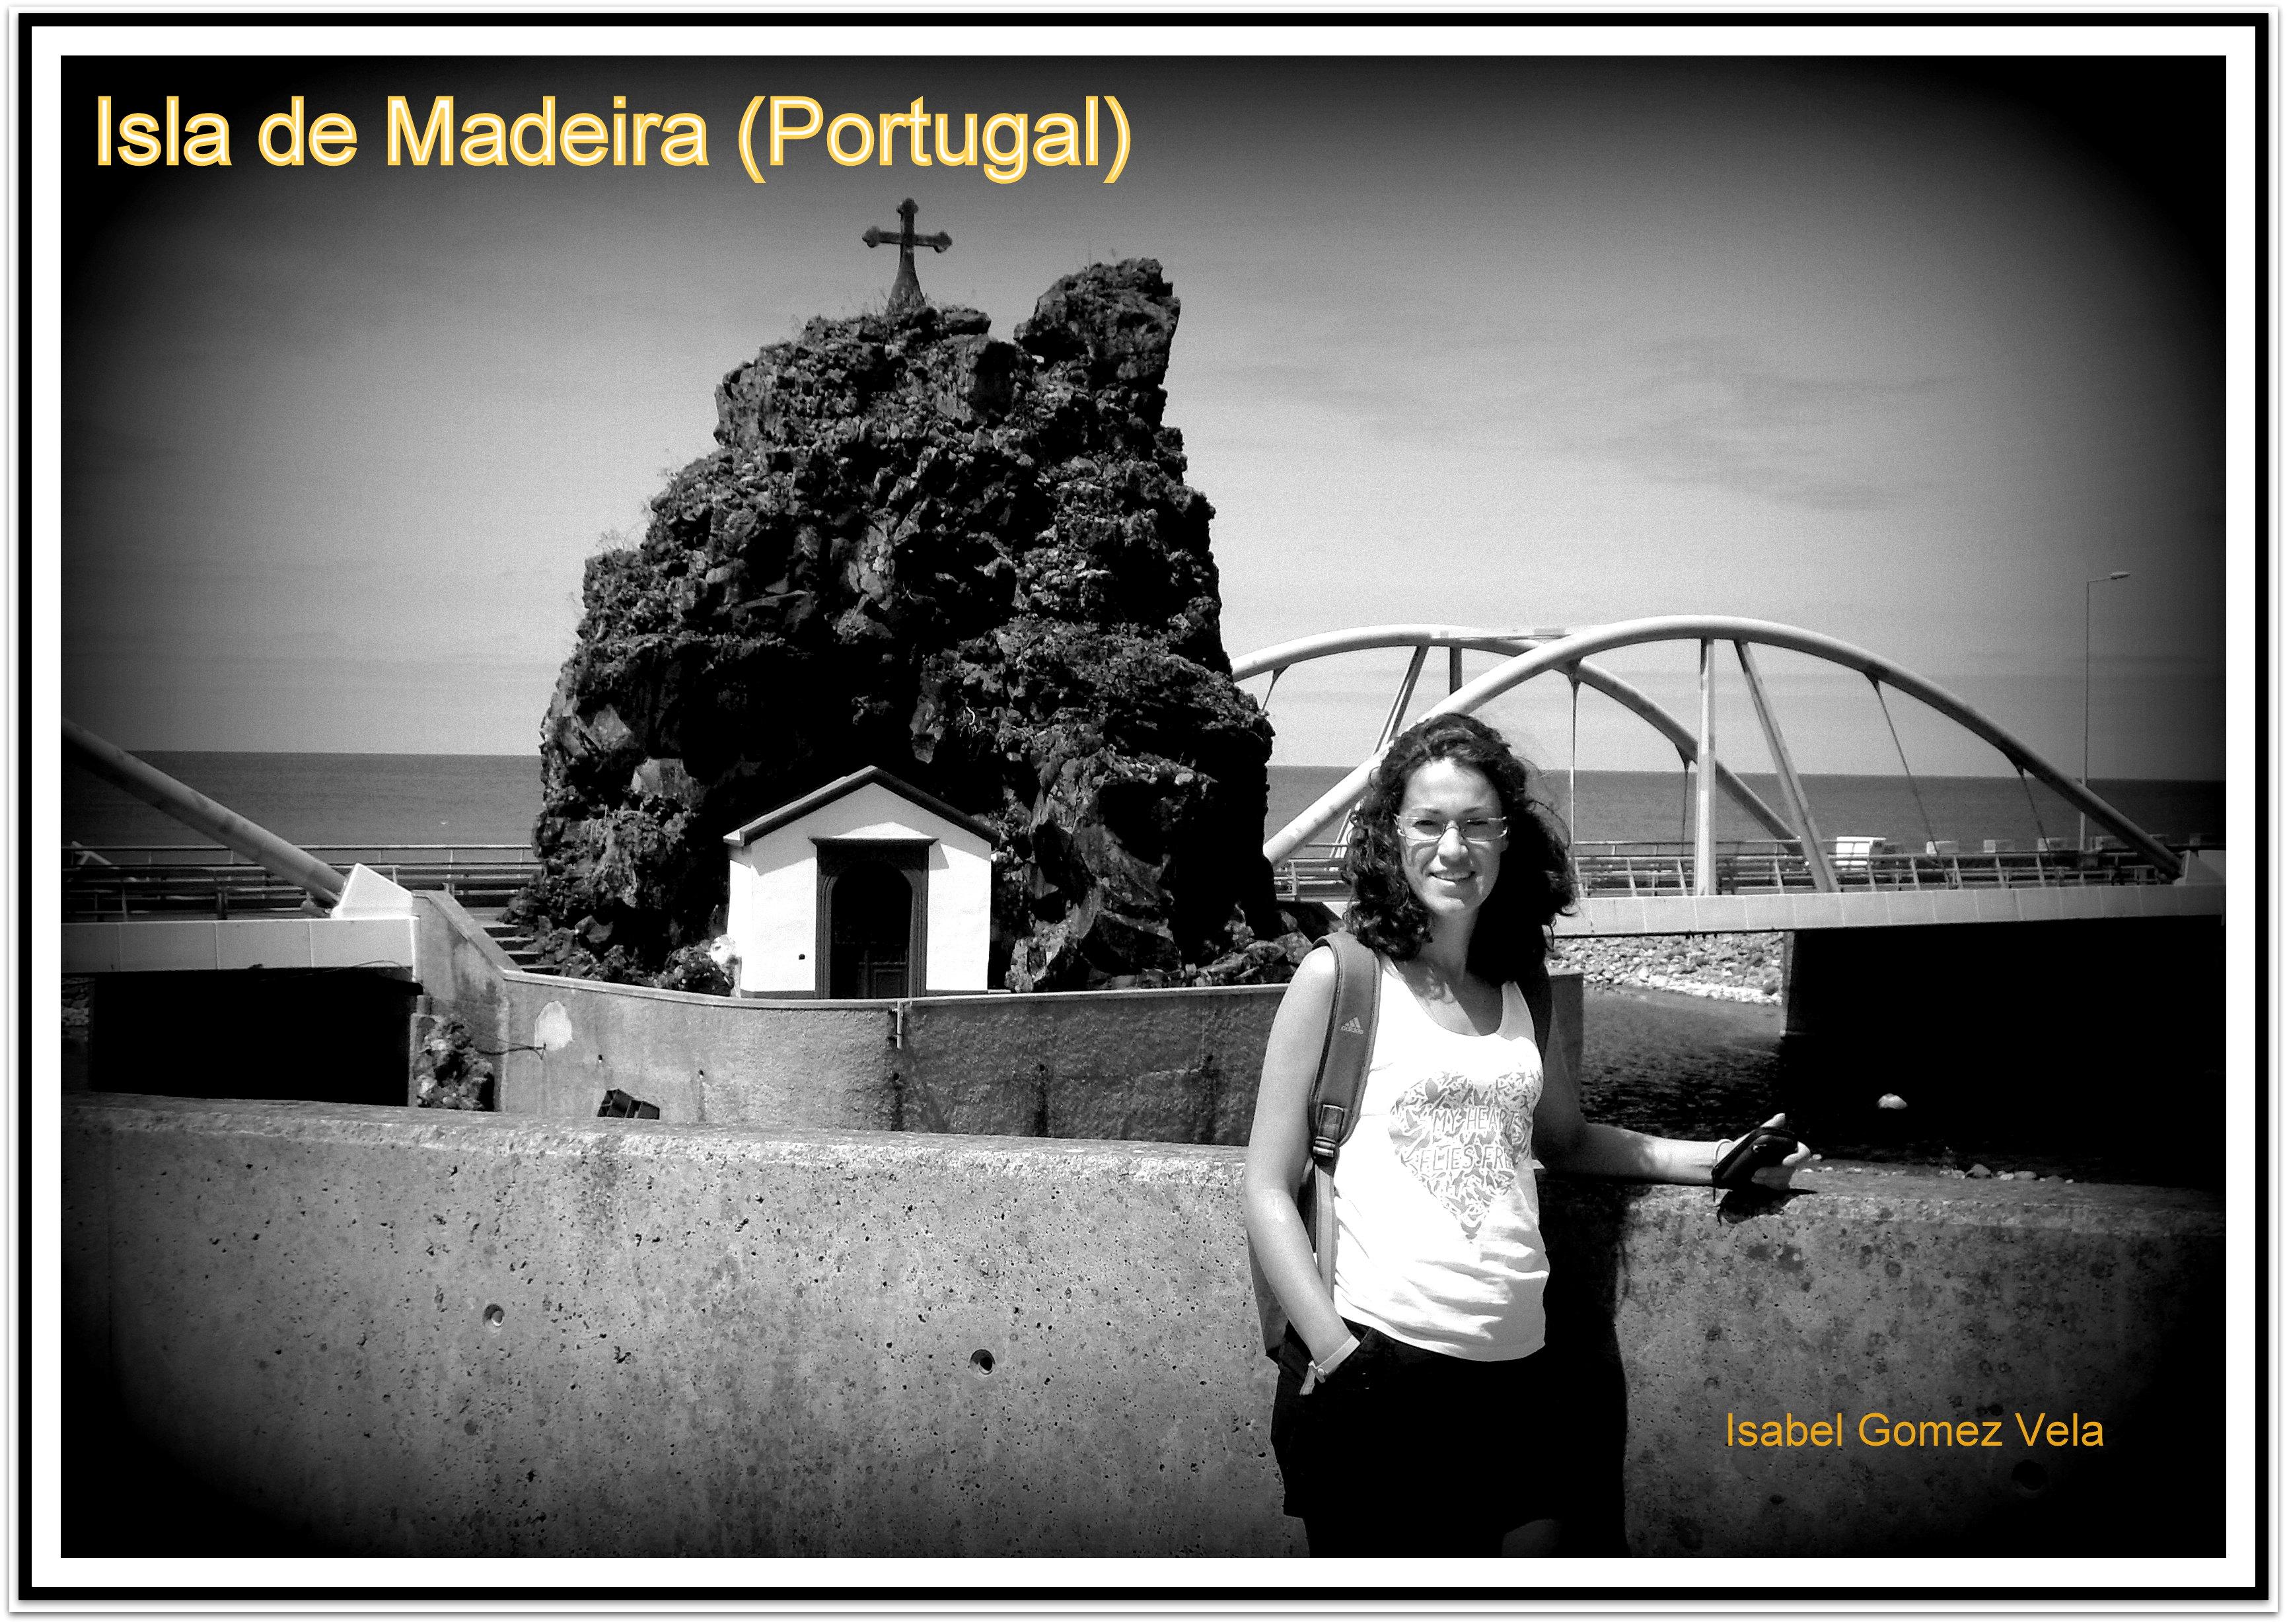 Imagen retocada de Madeira